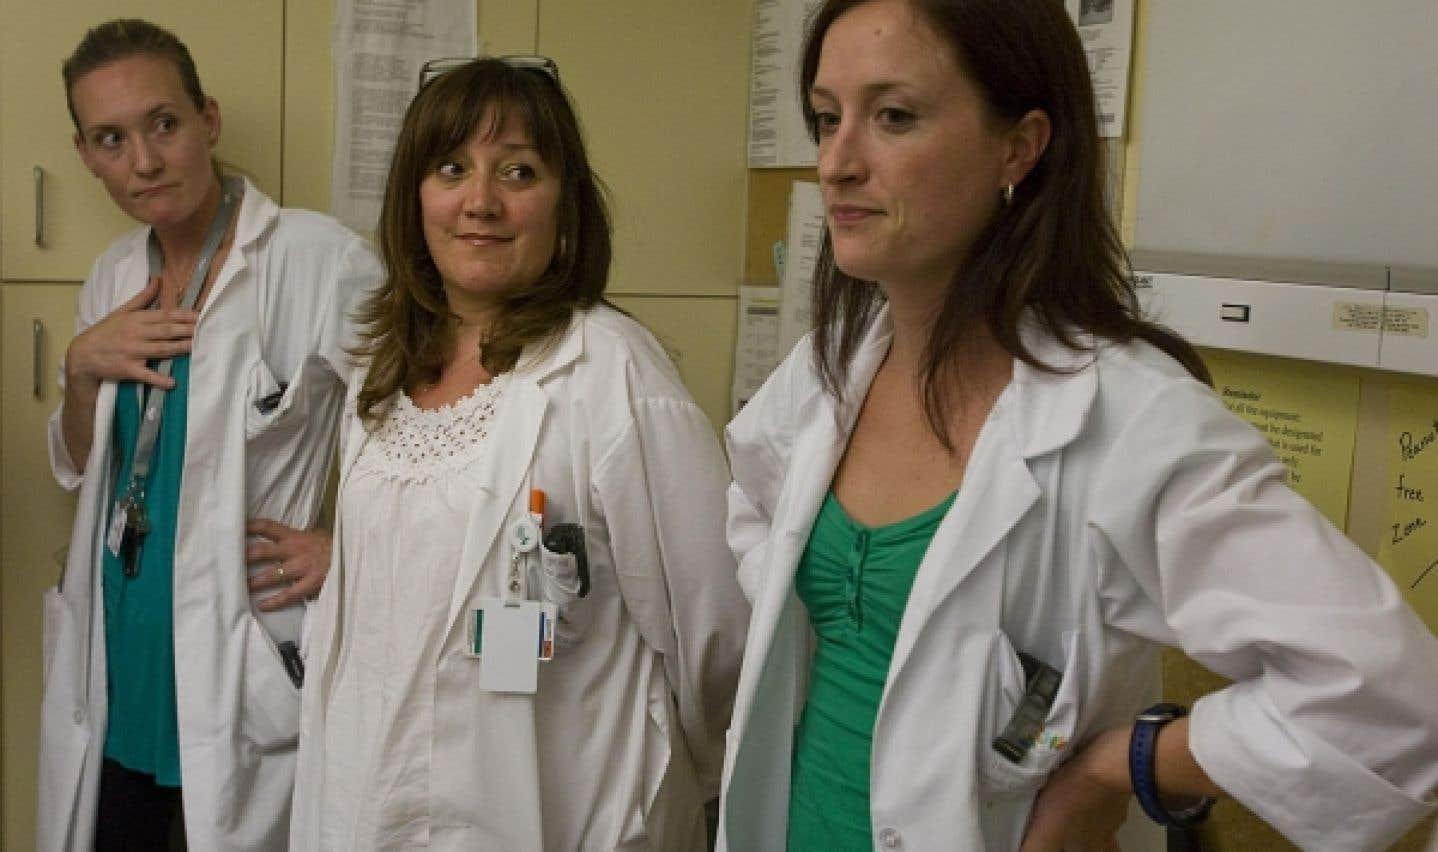 Les femmes ont investi massivement les sciences de la vie et la médecine au cours des dernières années.